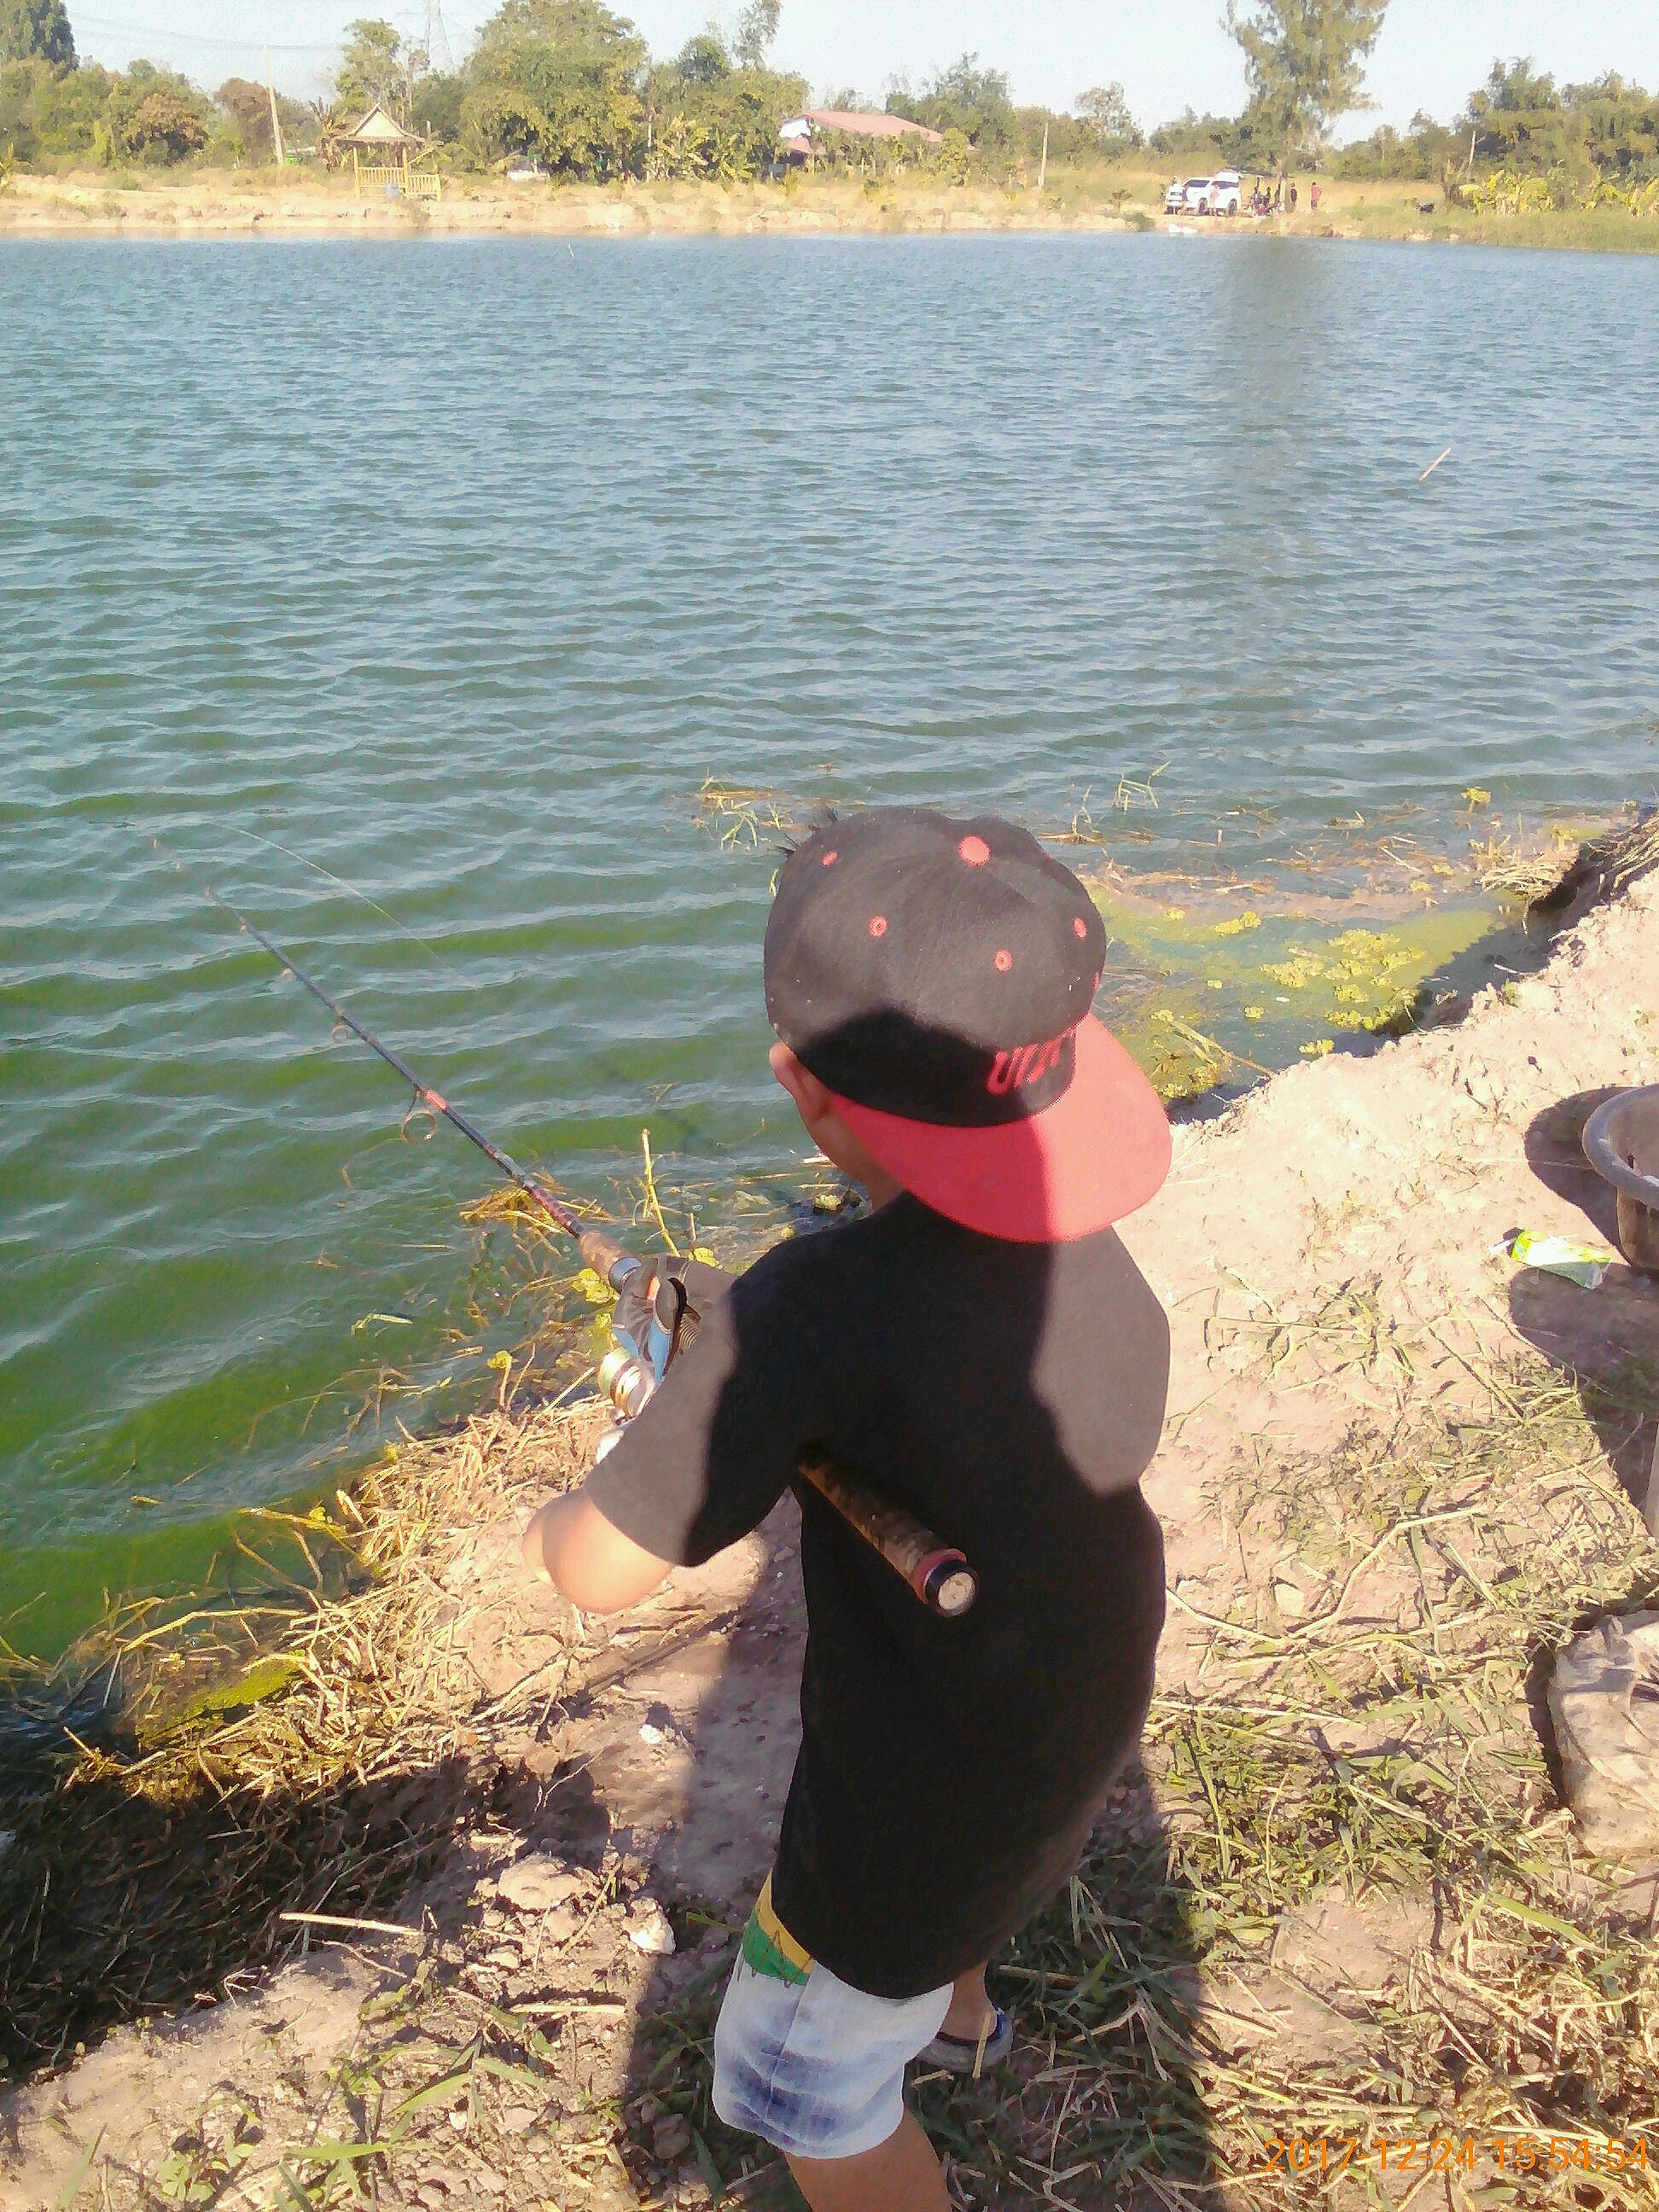 ว่างพาลูกไปตกปลาครับน้า